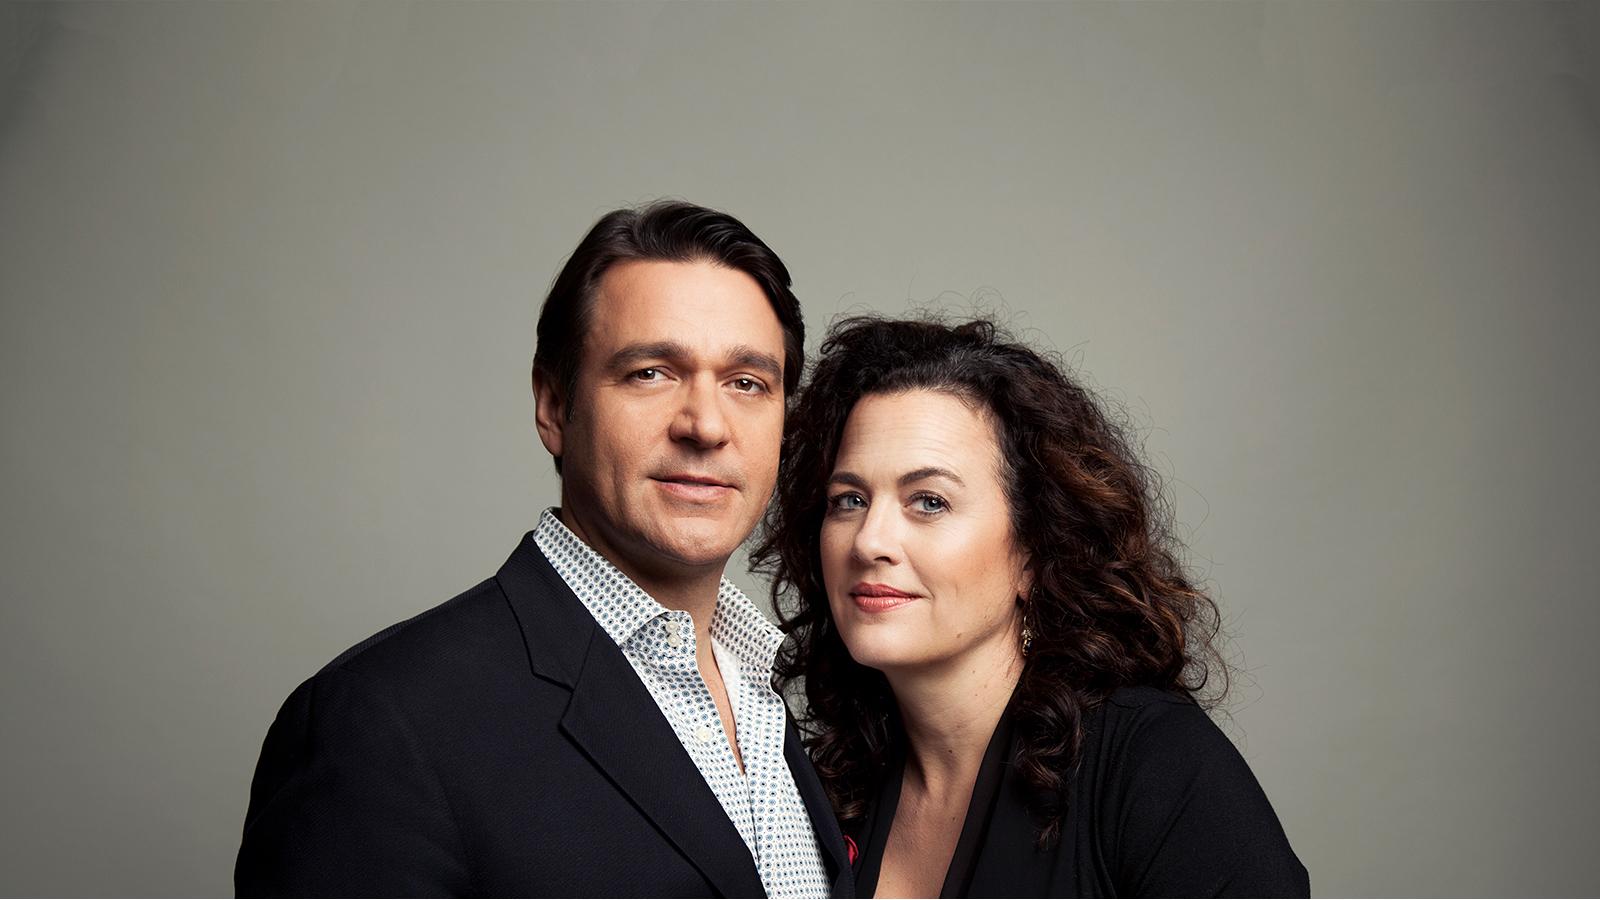 Nathan and Julie Gunn